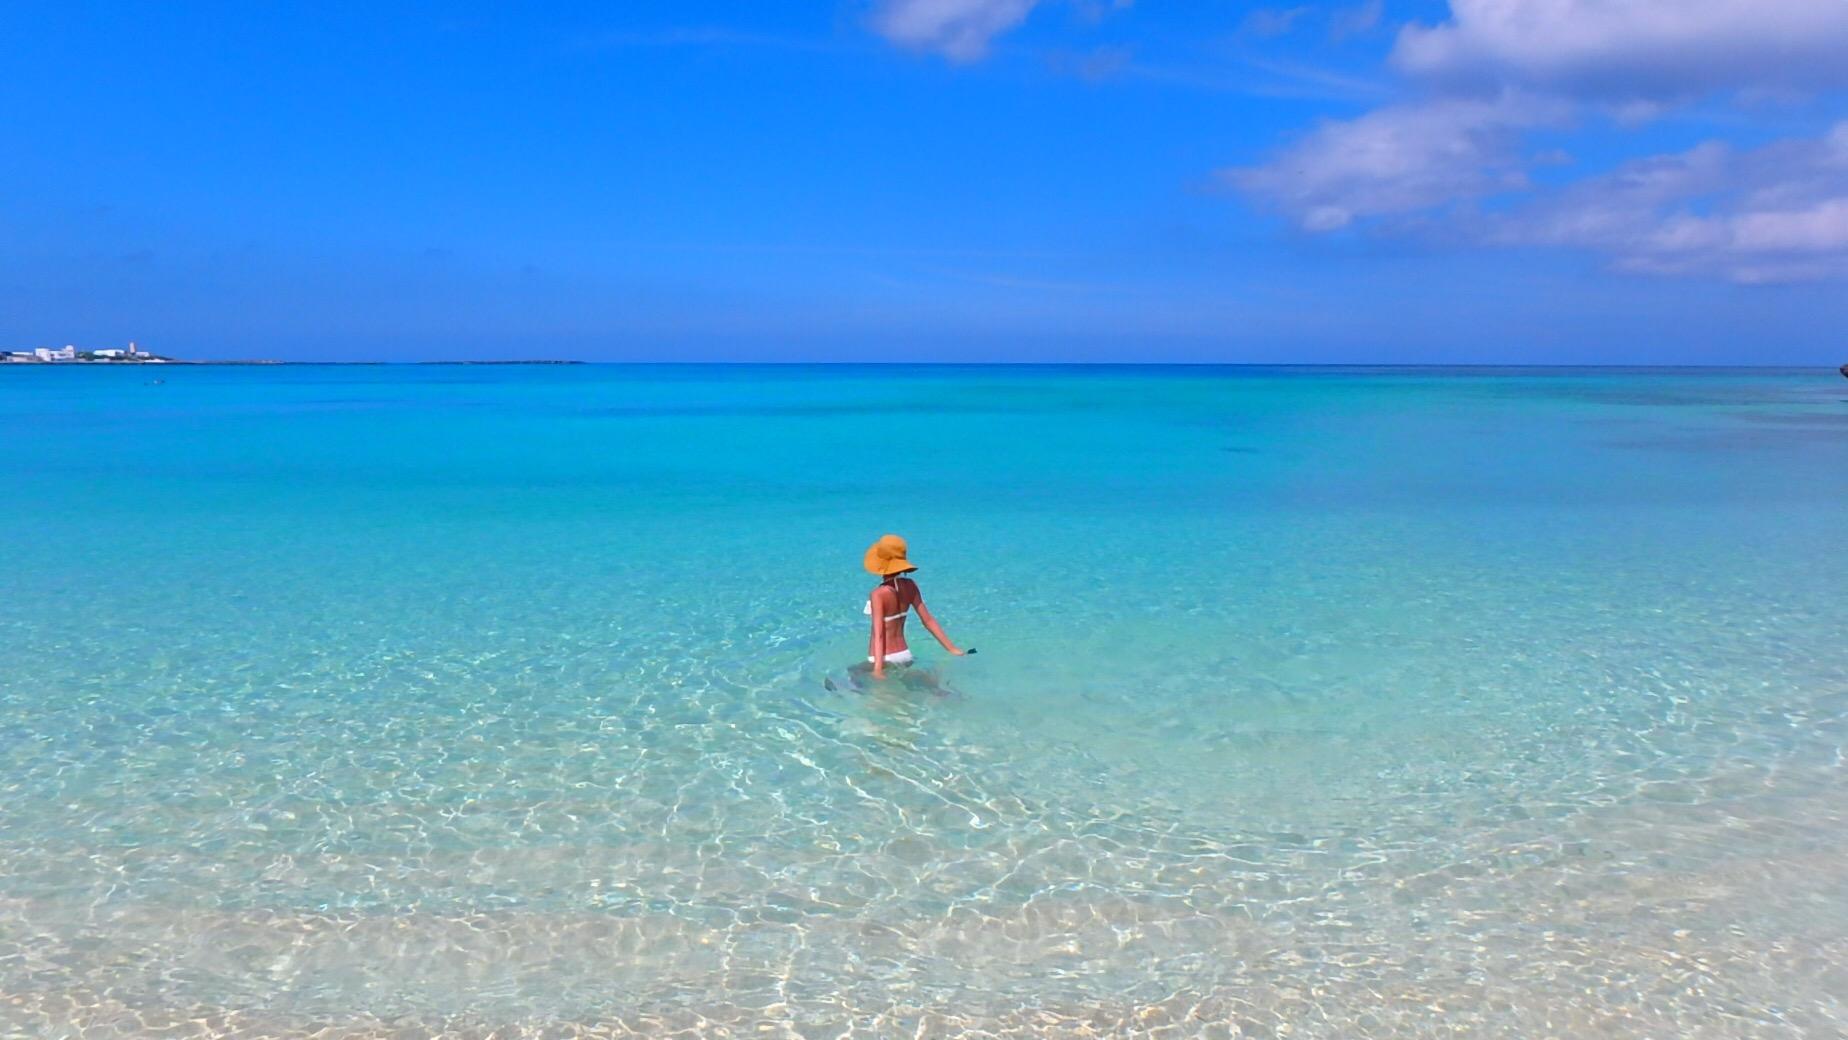 綺麗な海の写真を撮るコツ 大事なのは時間帯!